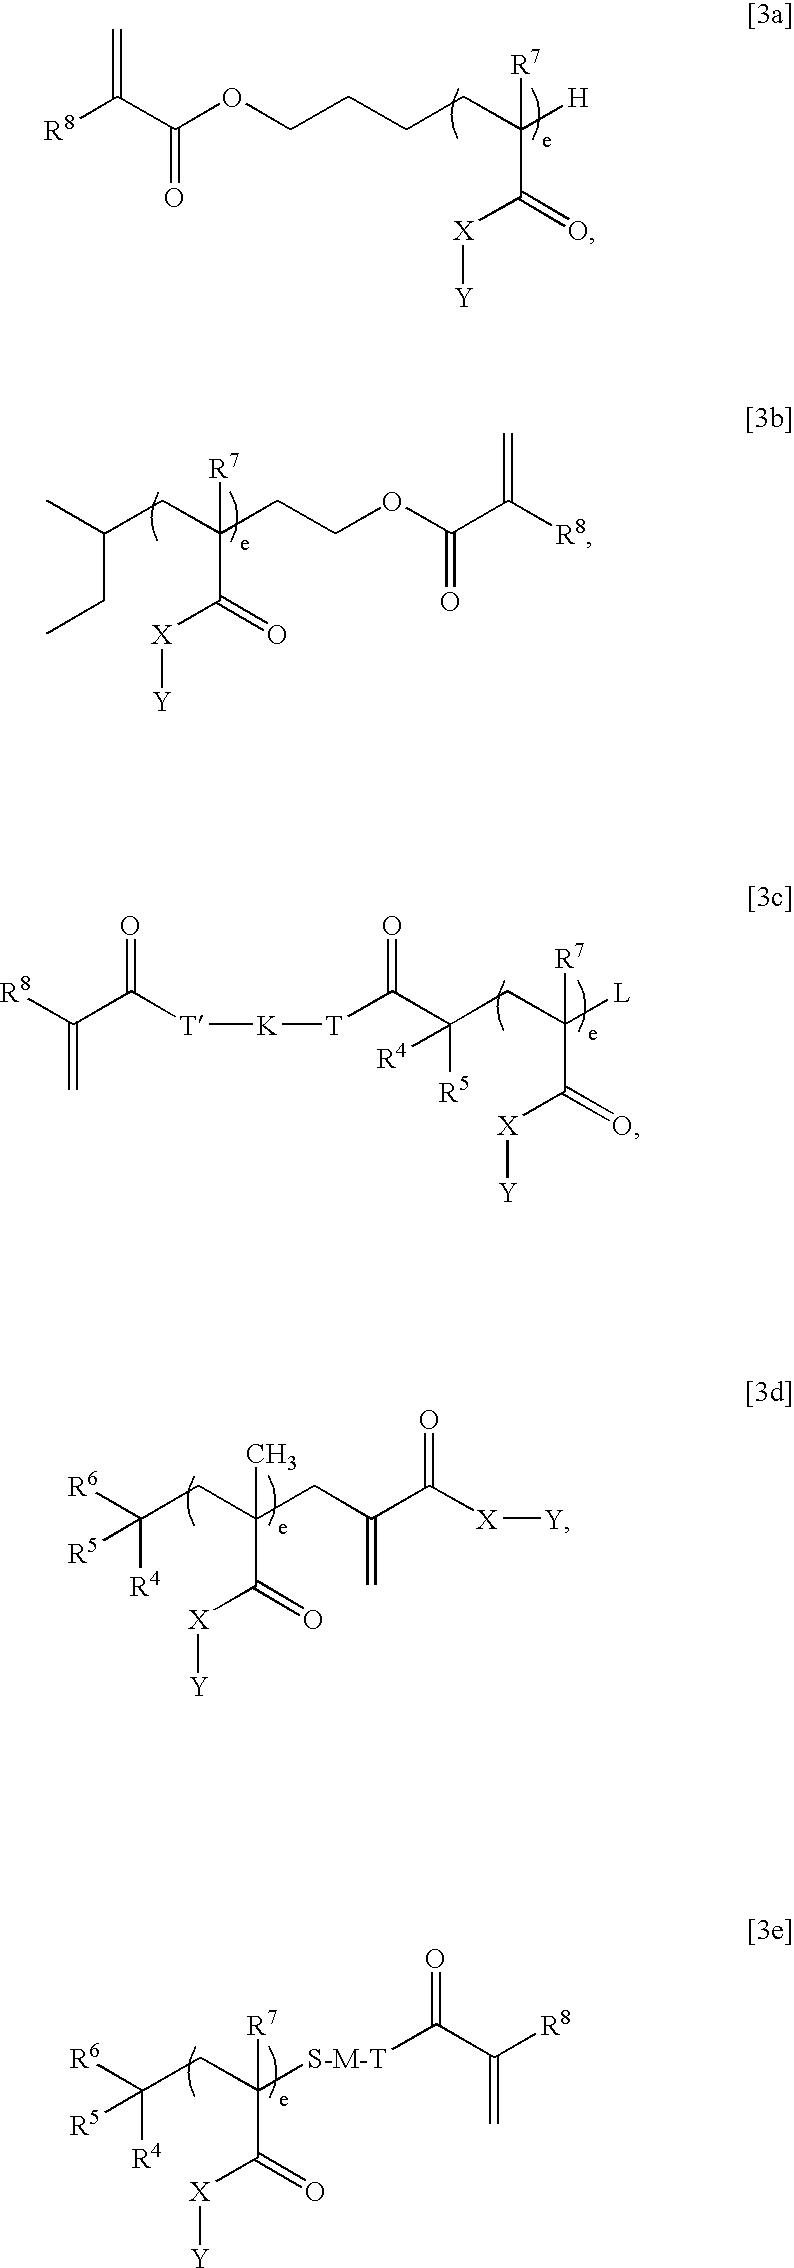 Figure US20090093604A1-20090409-C00004